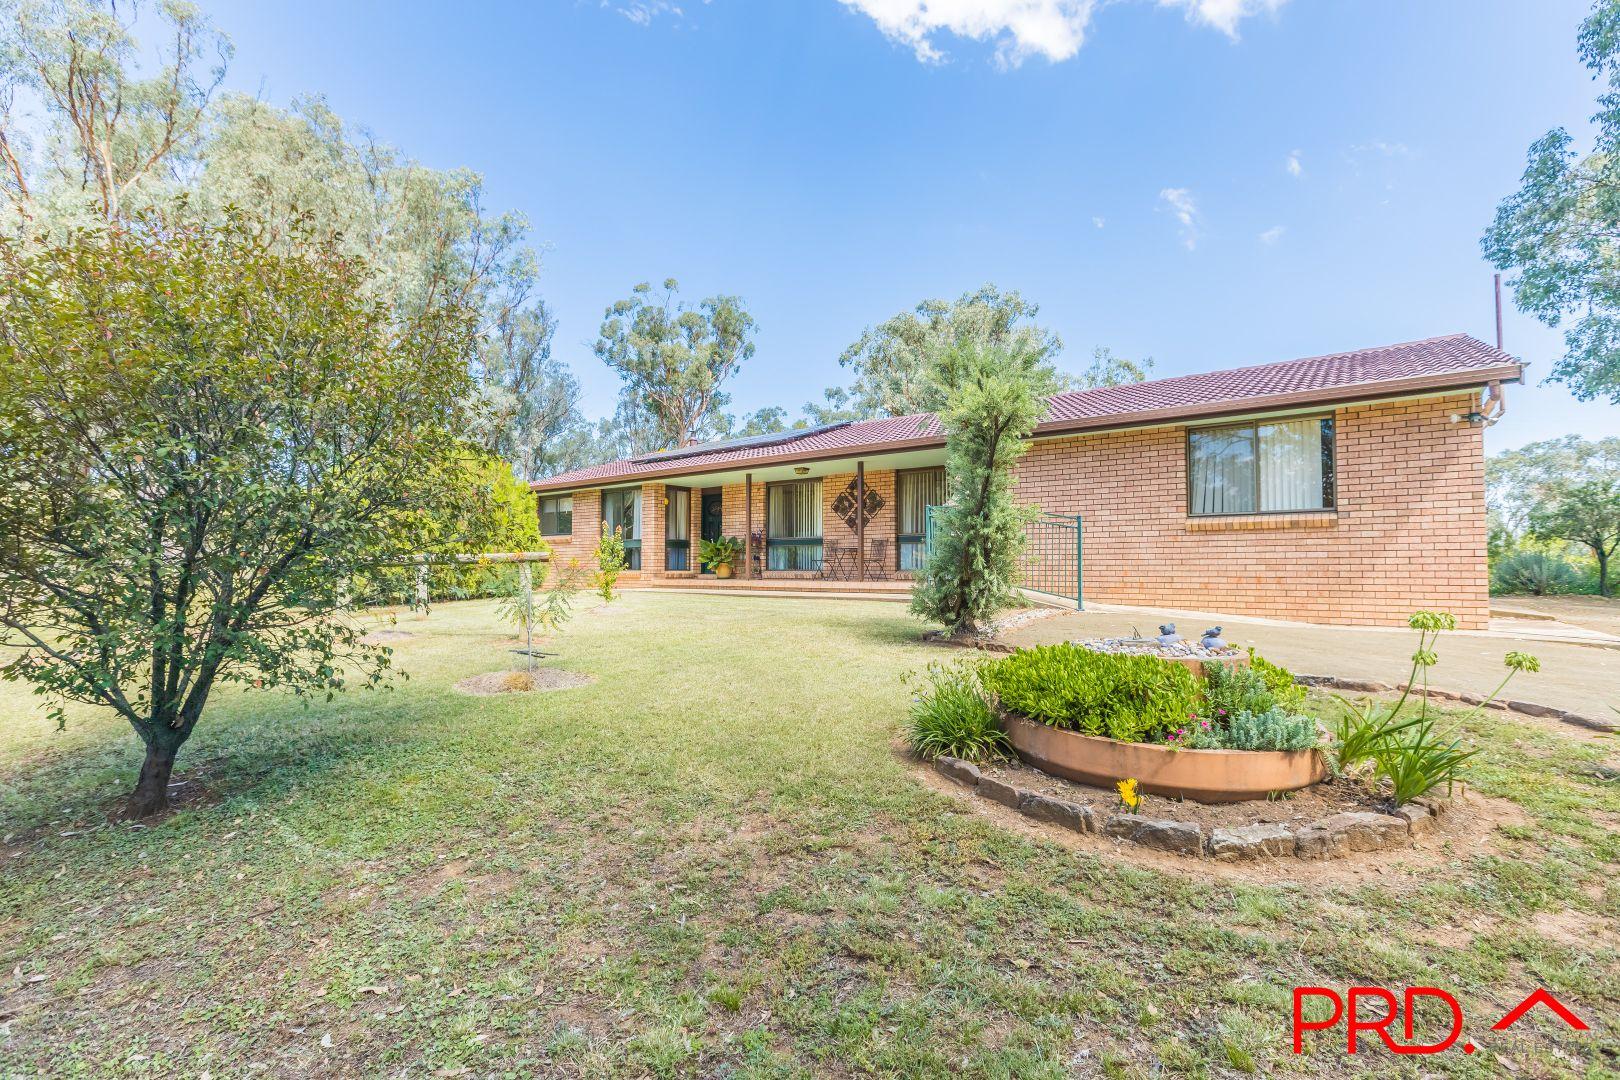 14 Wallabadah Creek Road, Wallabadah NSW 2343, Image 2